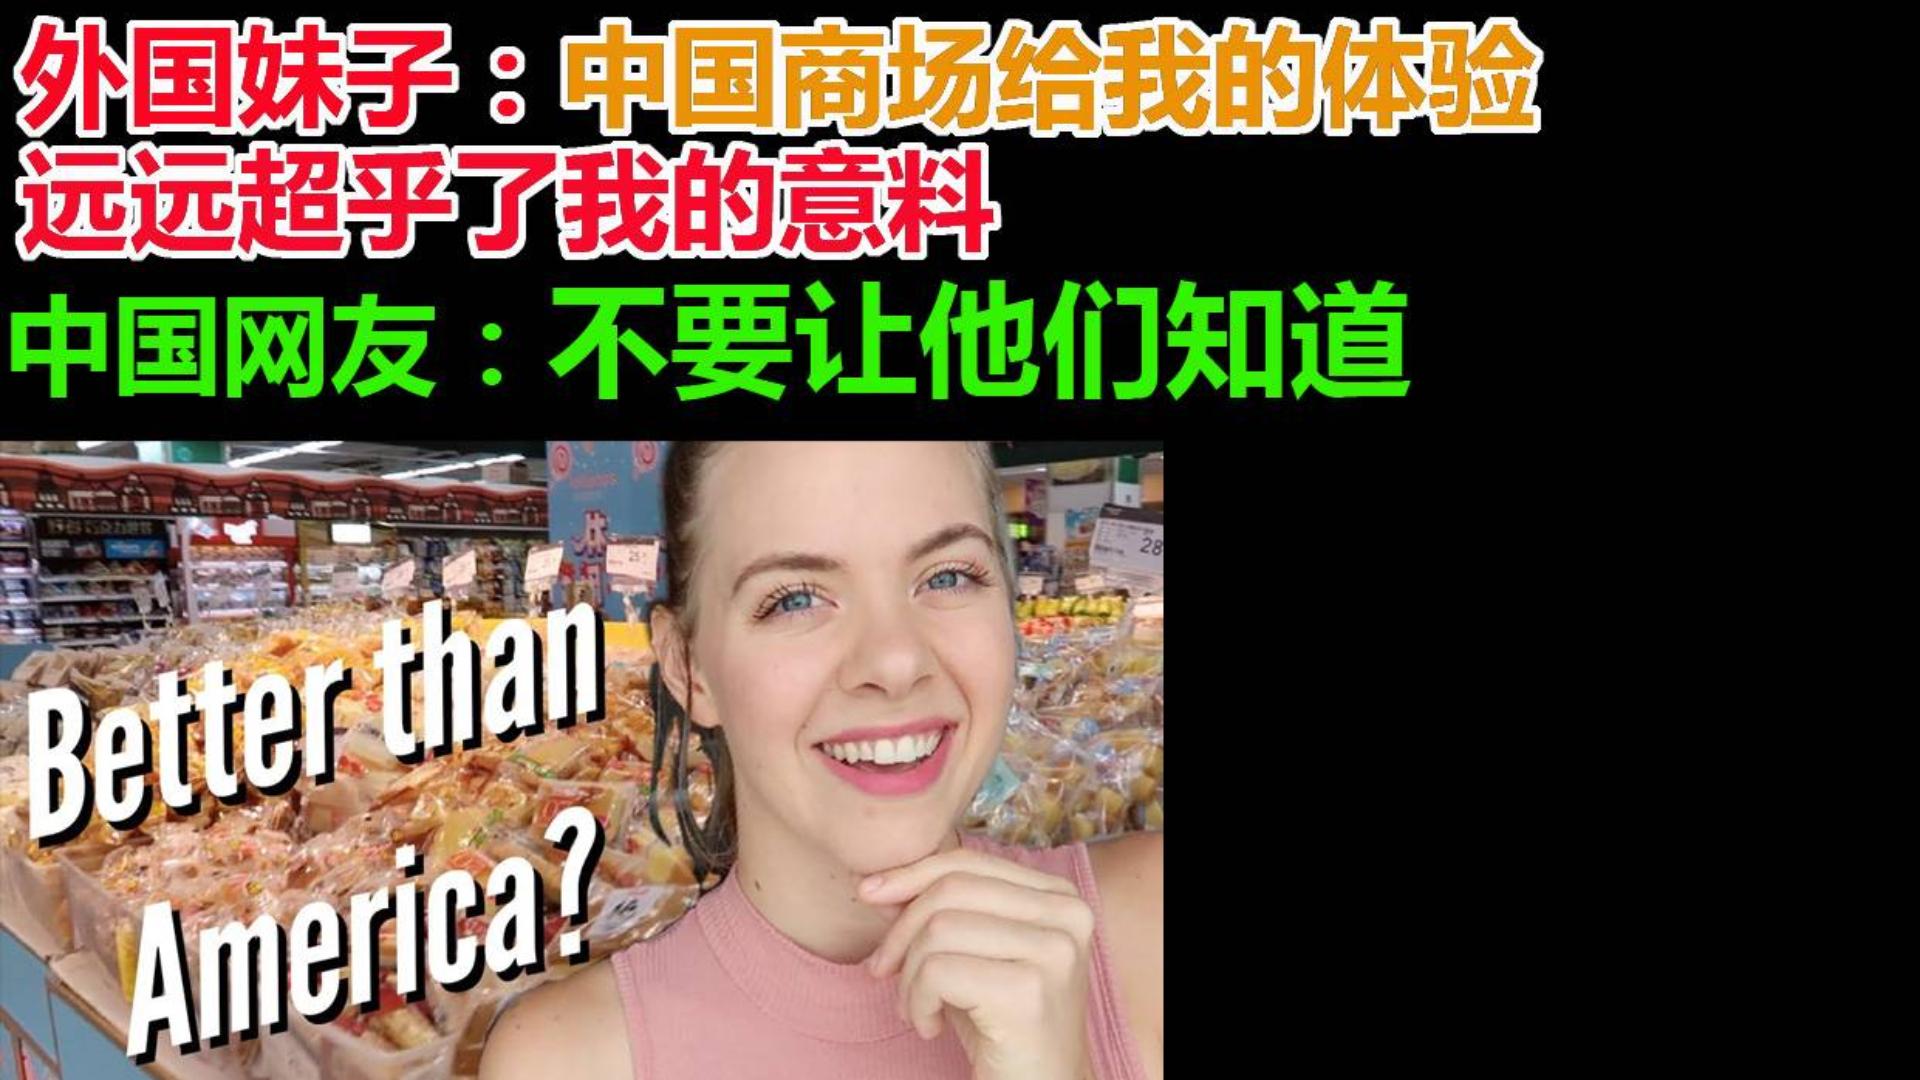 外国妹子:中国商场给我的体验远远超乎了我的意料